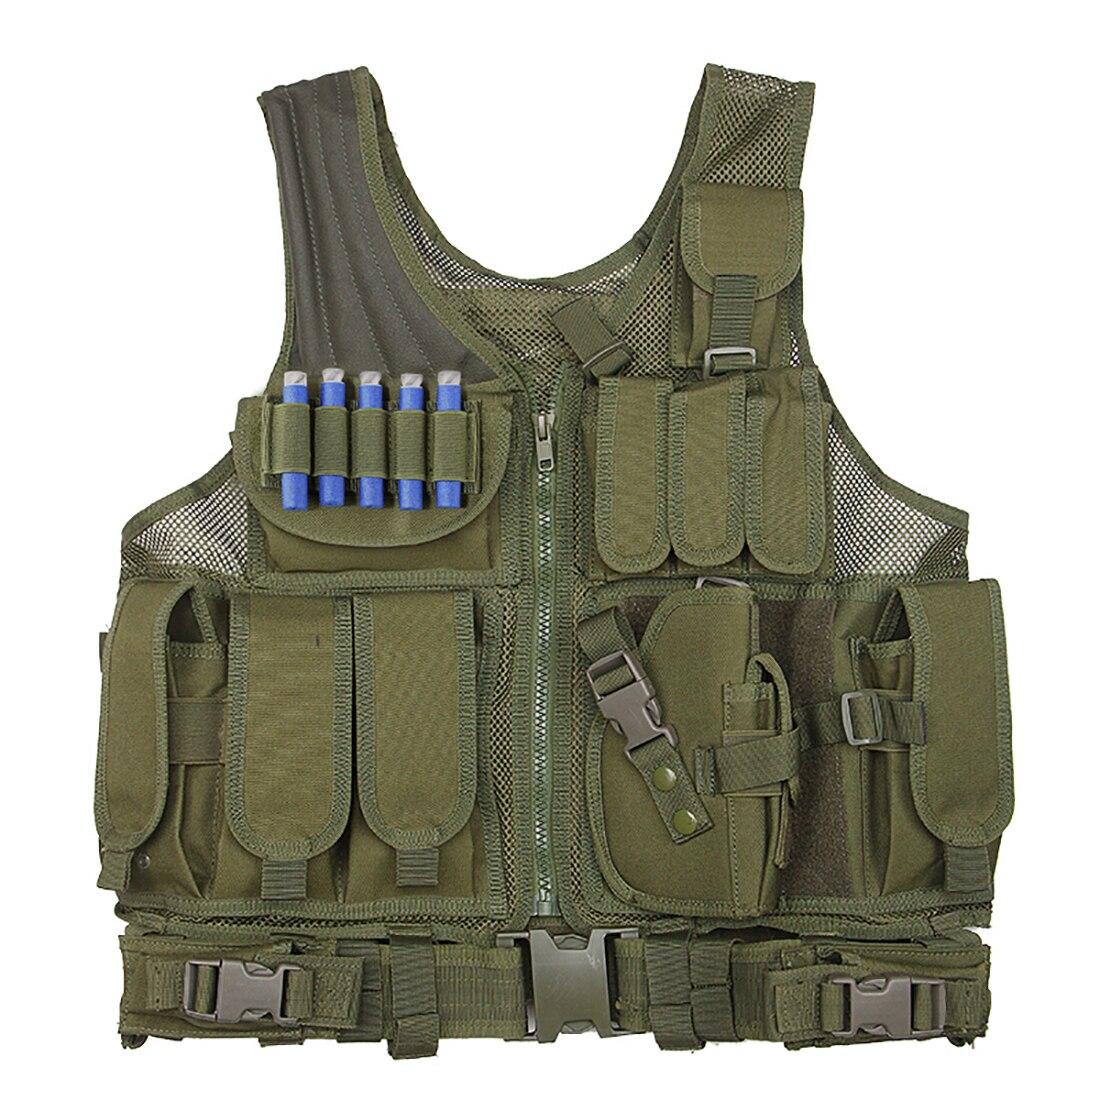 NFSTRIKE militaire tactique accessoires multi-fonction tir protection gilets pour Nerf défense tactique accessoires